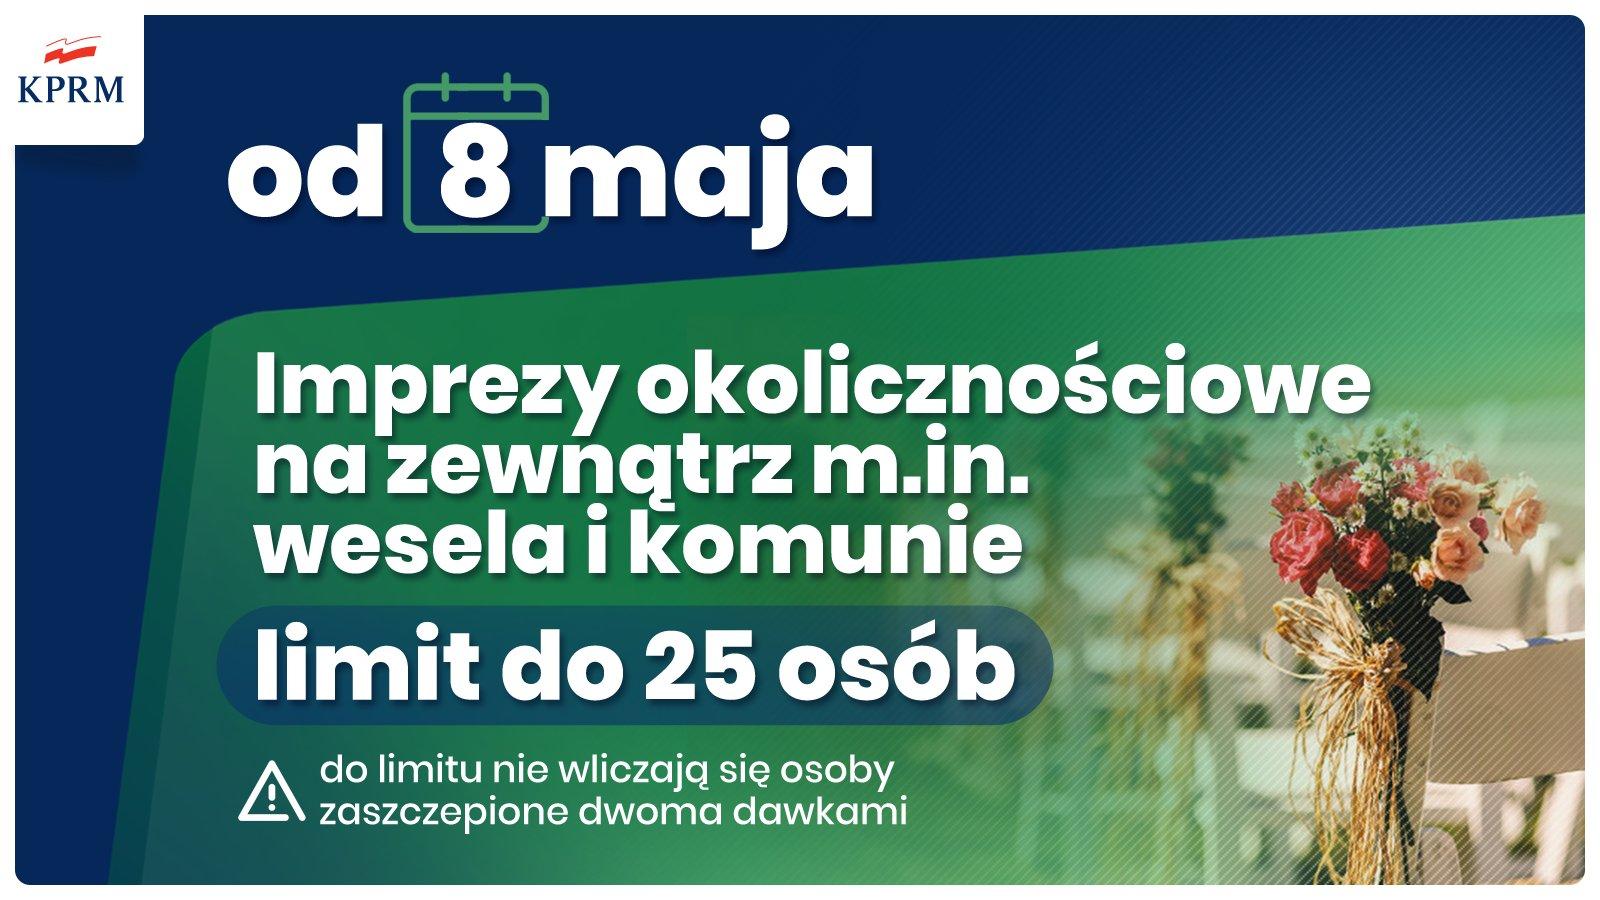 Od 8 maja można organizować imprezy okolicznościowe na zewnątrz (m. in. wesela i komunie) - limit 25 osób. Kancelaria Premiera, Twitter @PremierRP